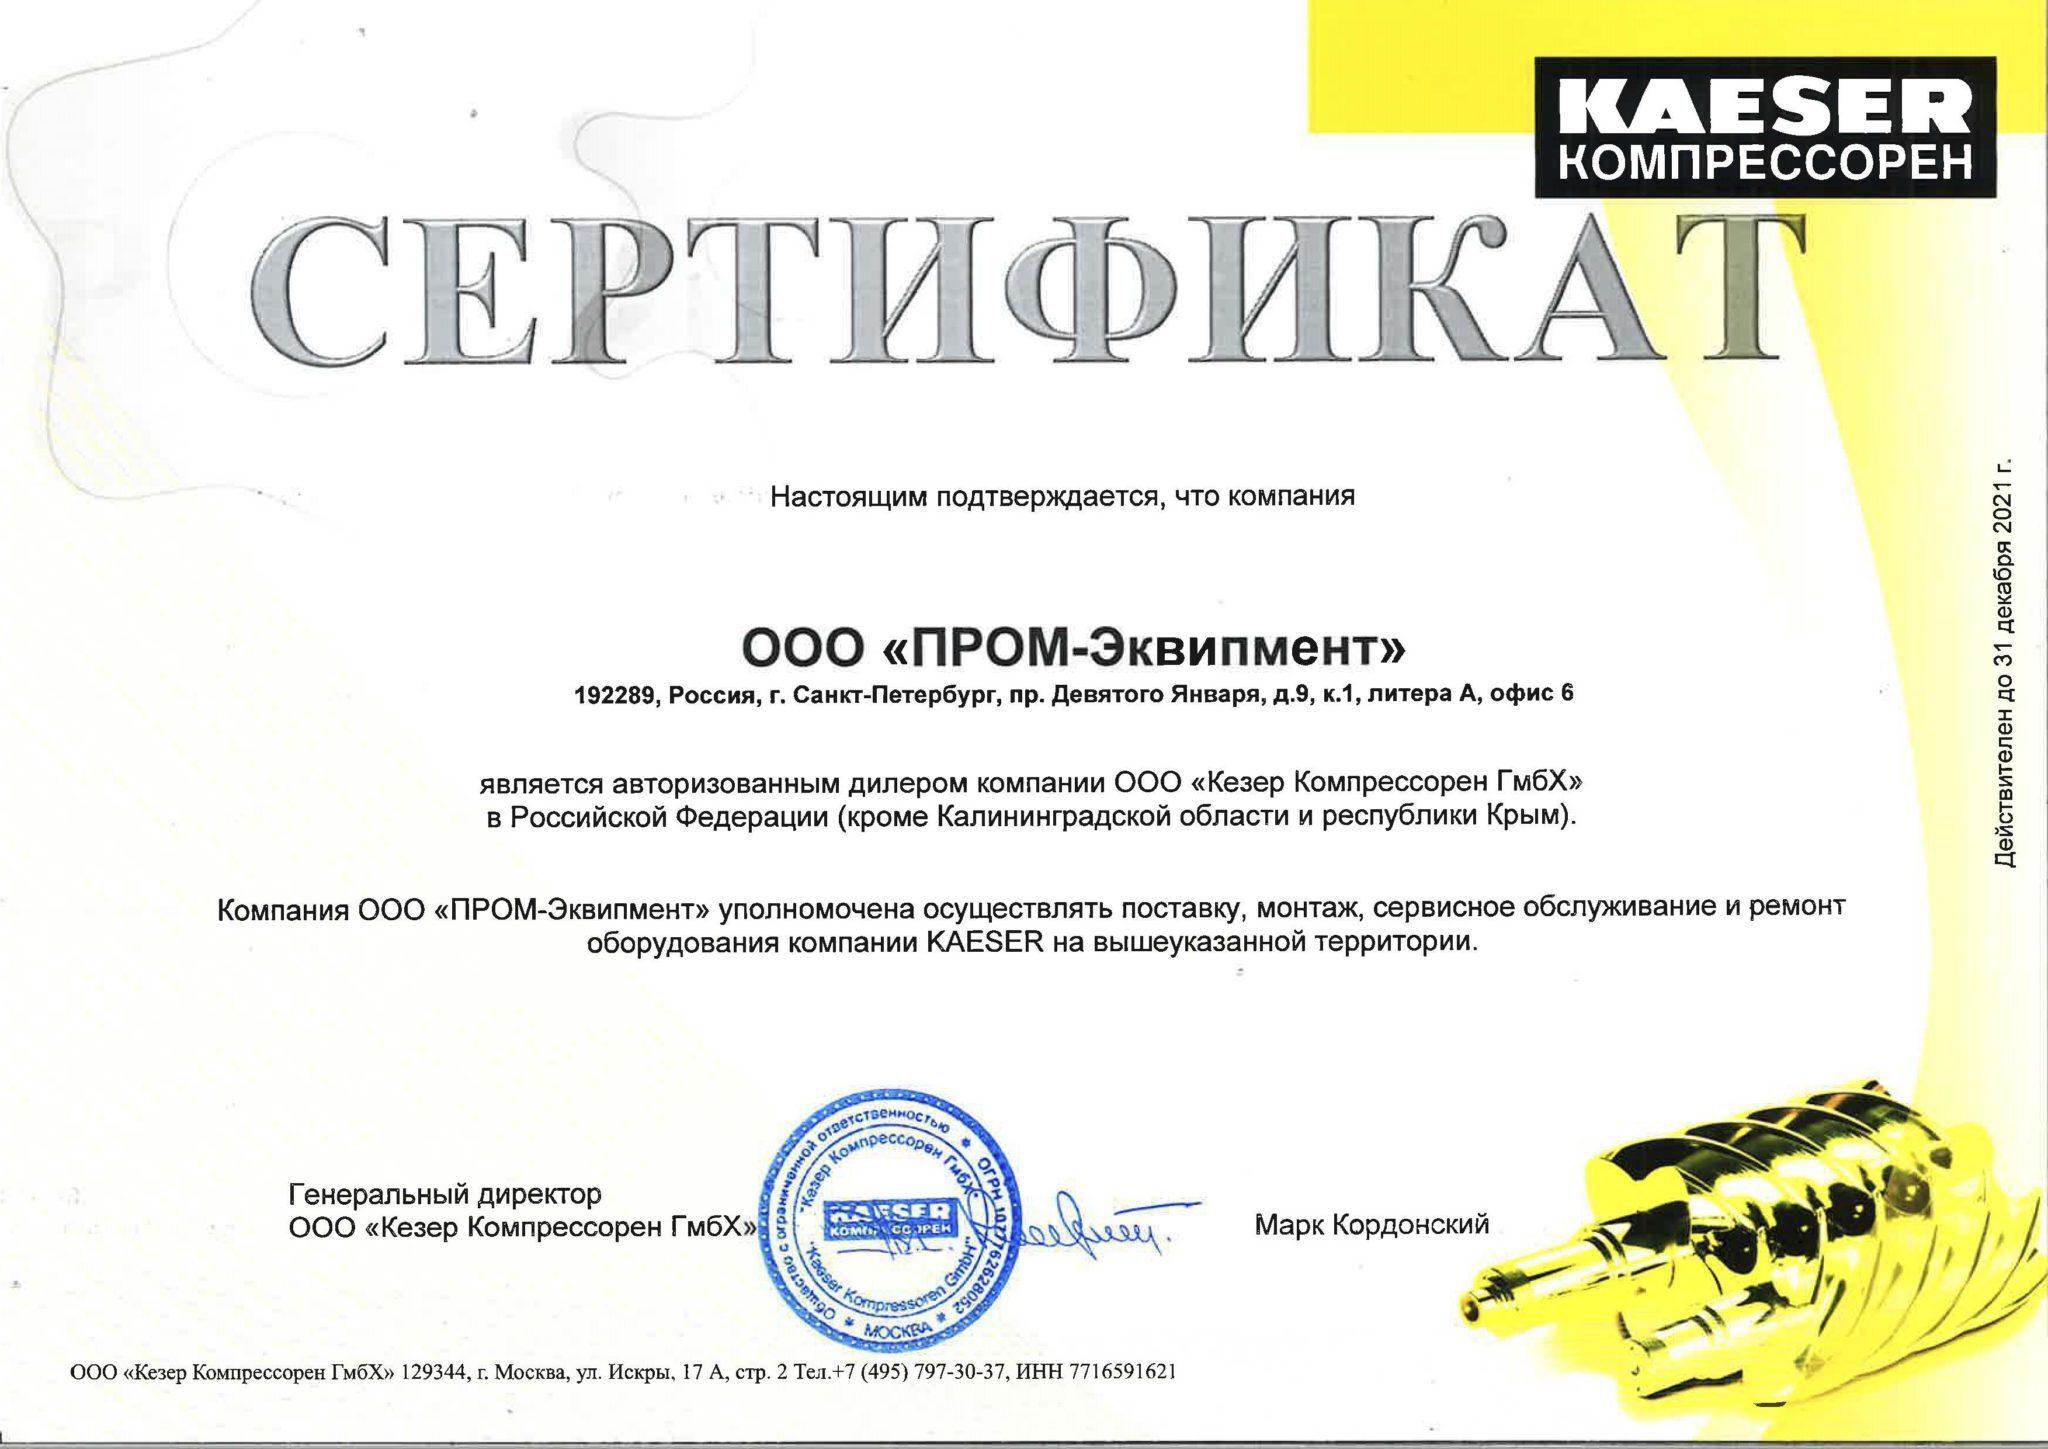 Сертификат ПРОМ-Эквипмент